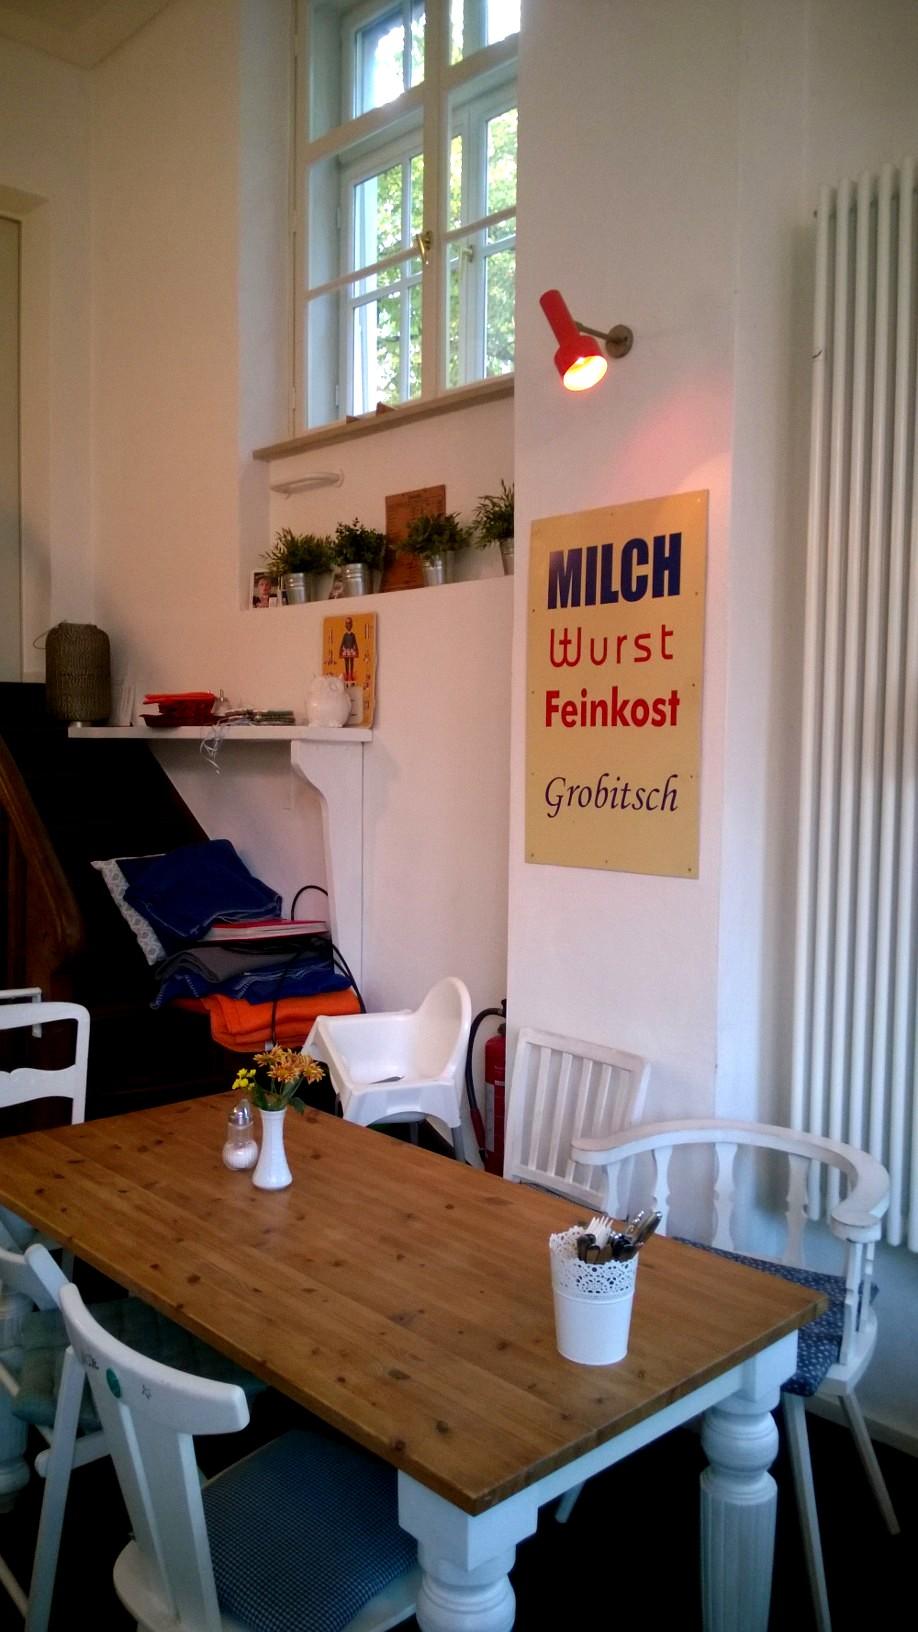 Cafe Lohner & Grobitsch